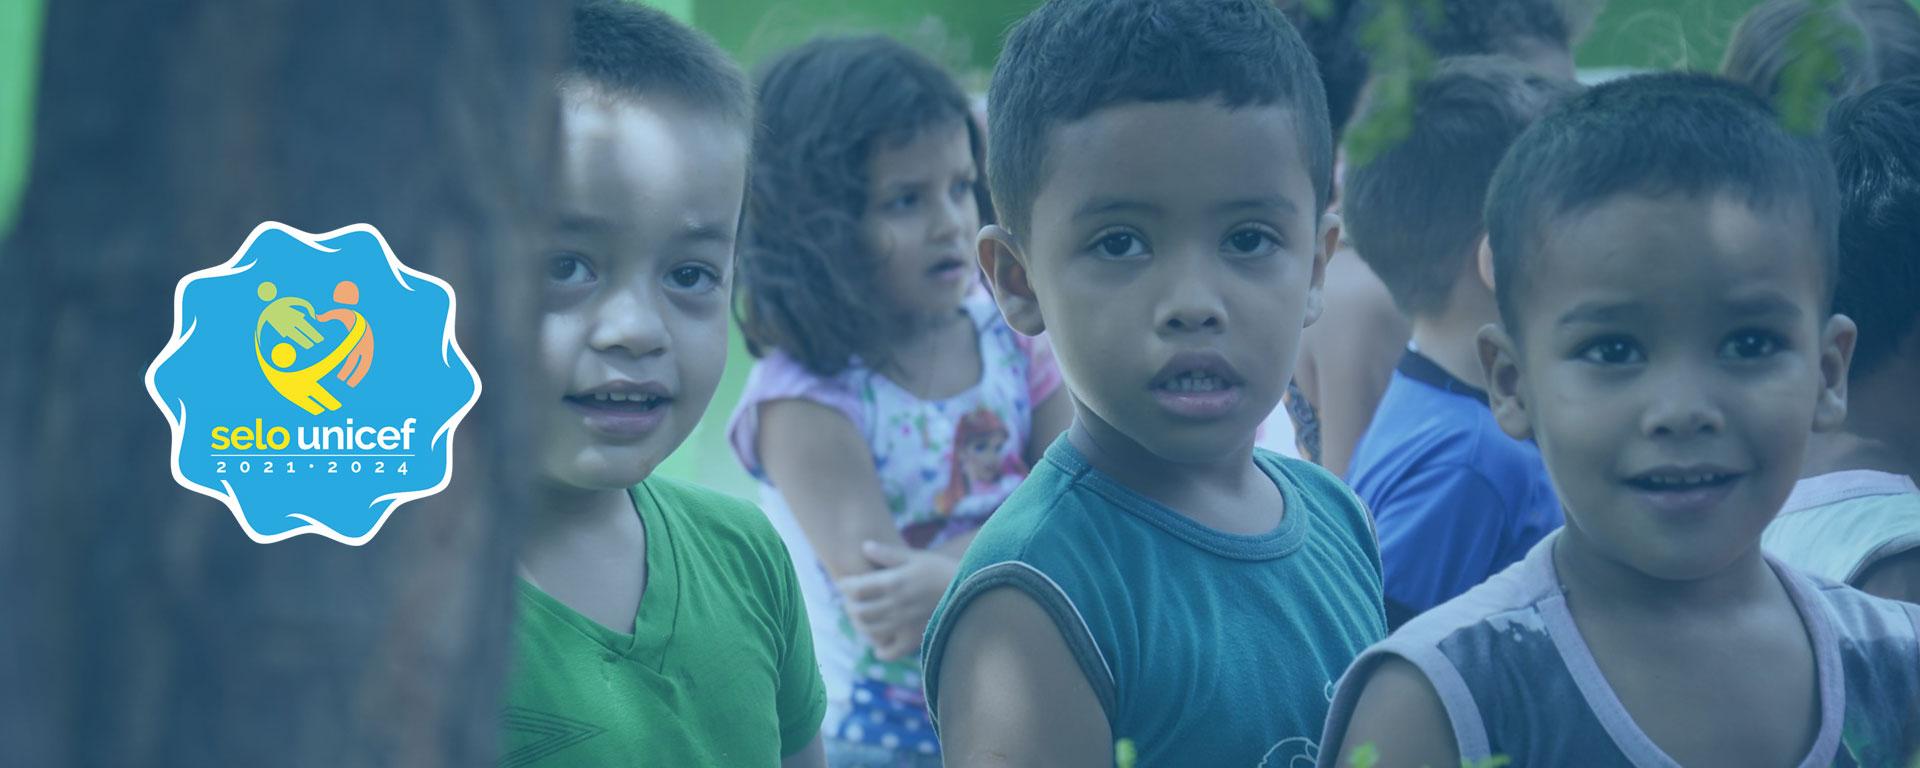 Selo Unicef: 40 cidades do Pará já aderiram à iniciativa; prazo encerra domingo, dia 8